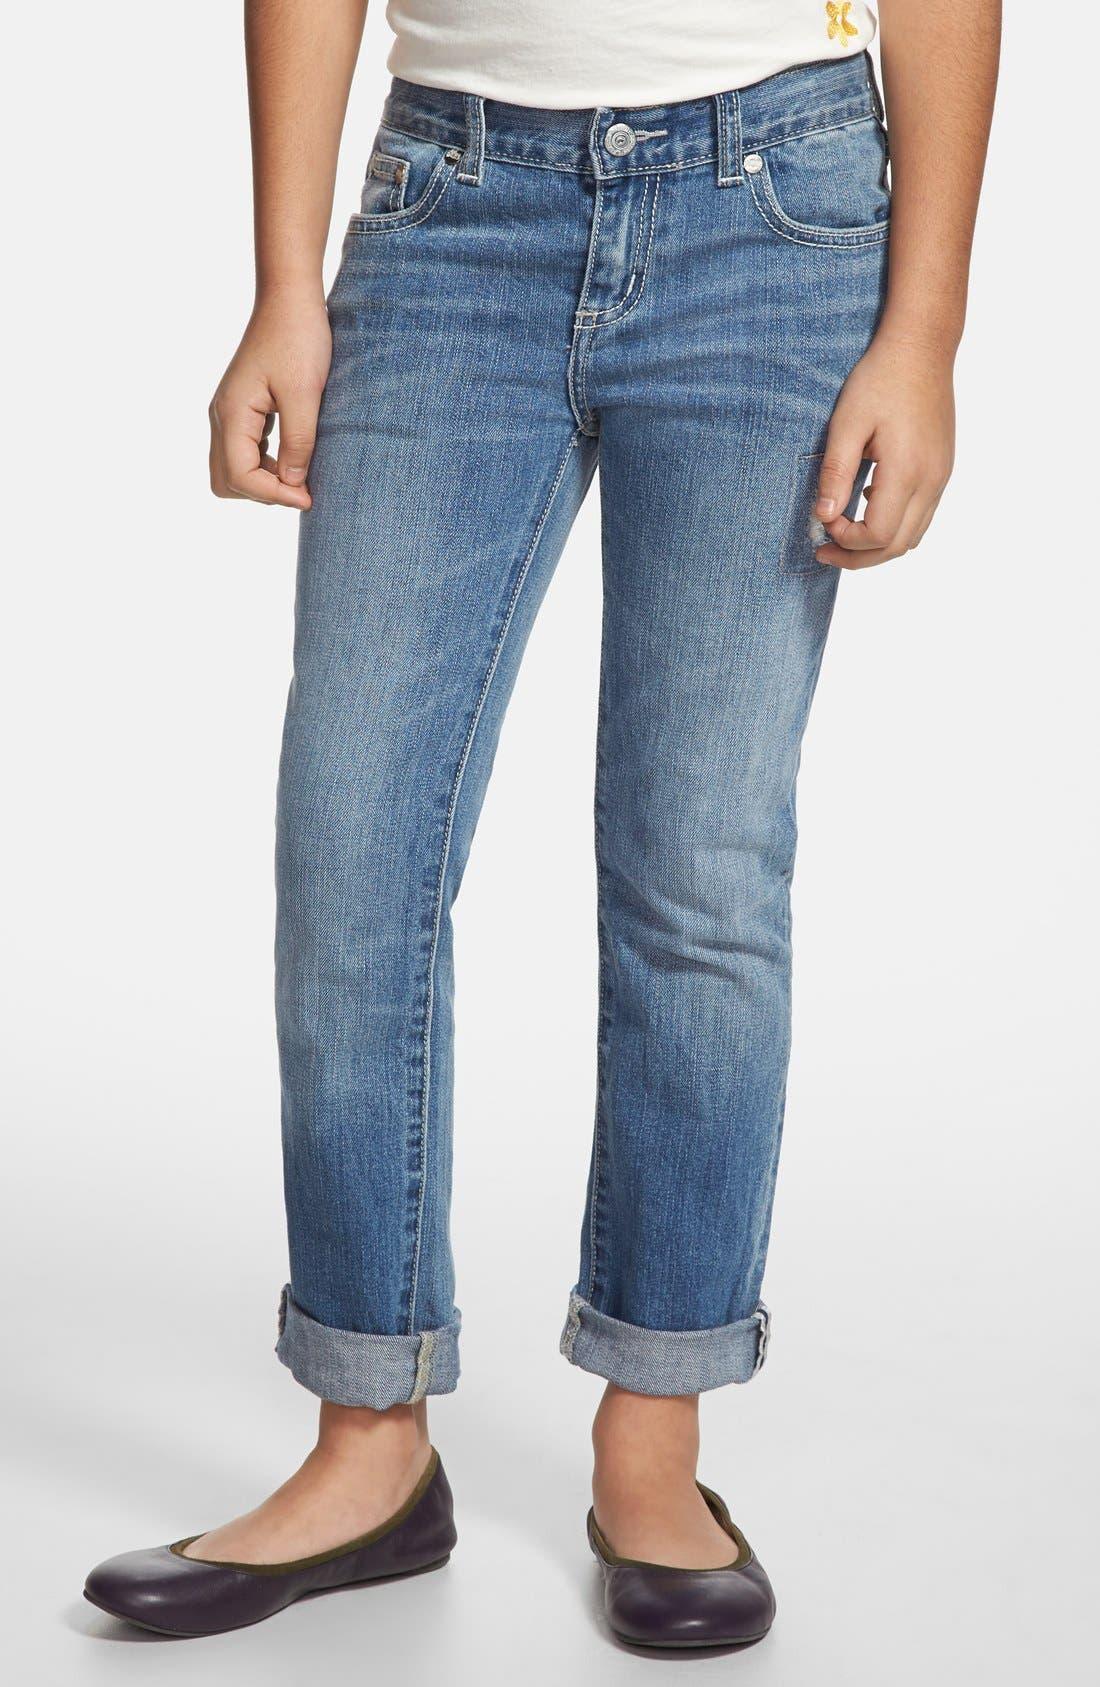 Alternate Image 1 Selected - Peek 'Greta' Stretch Cotton Jeans (Toddler Girls, Little Girls & Big Girls)